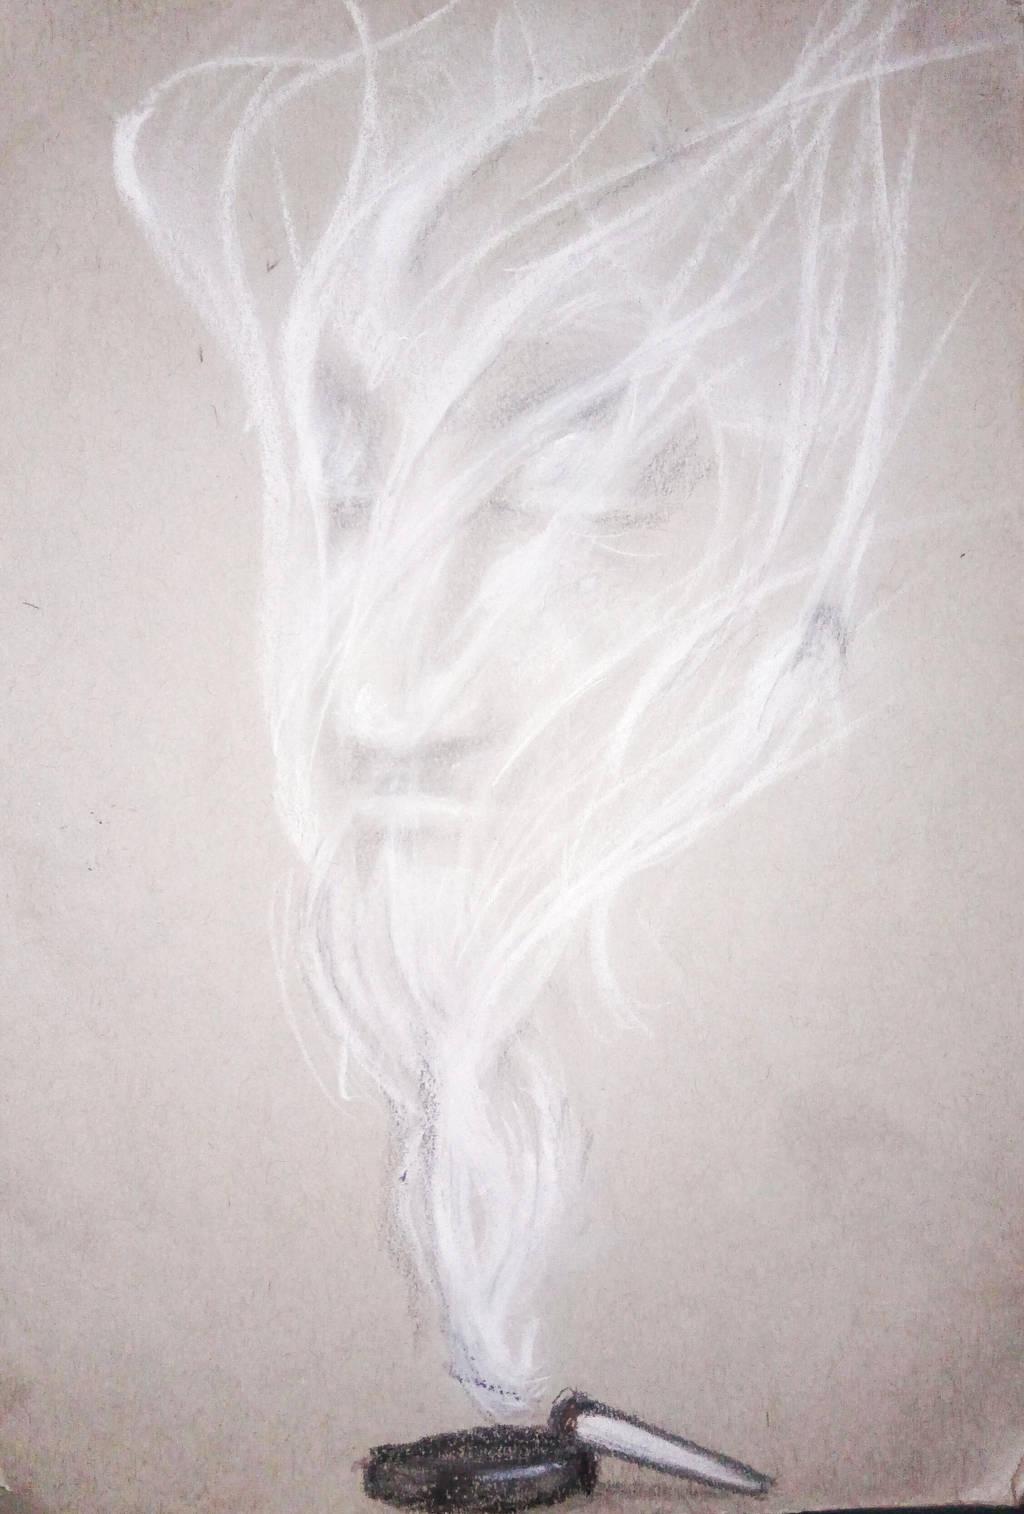 Smokey by Yeraswork